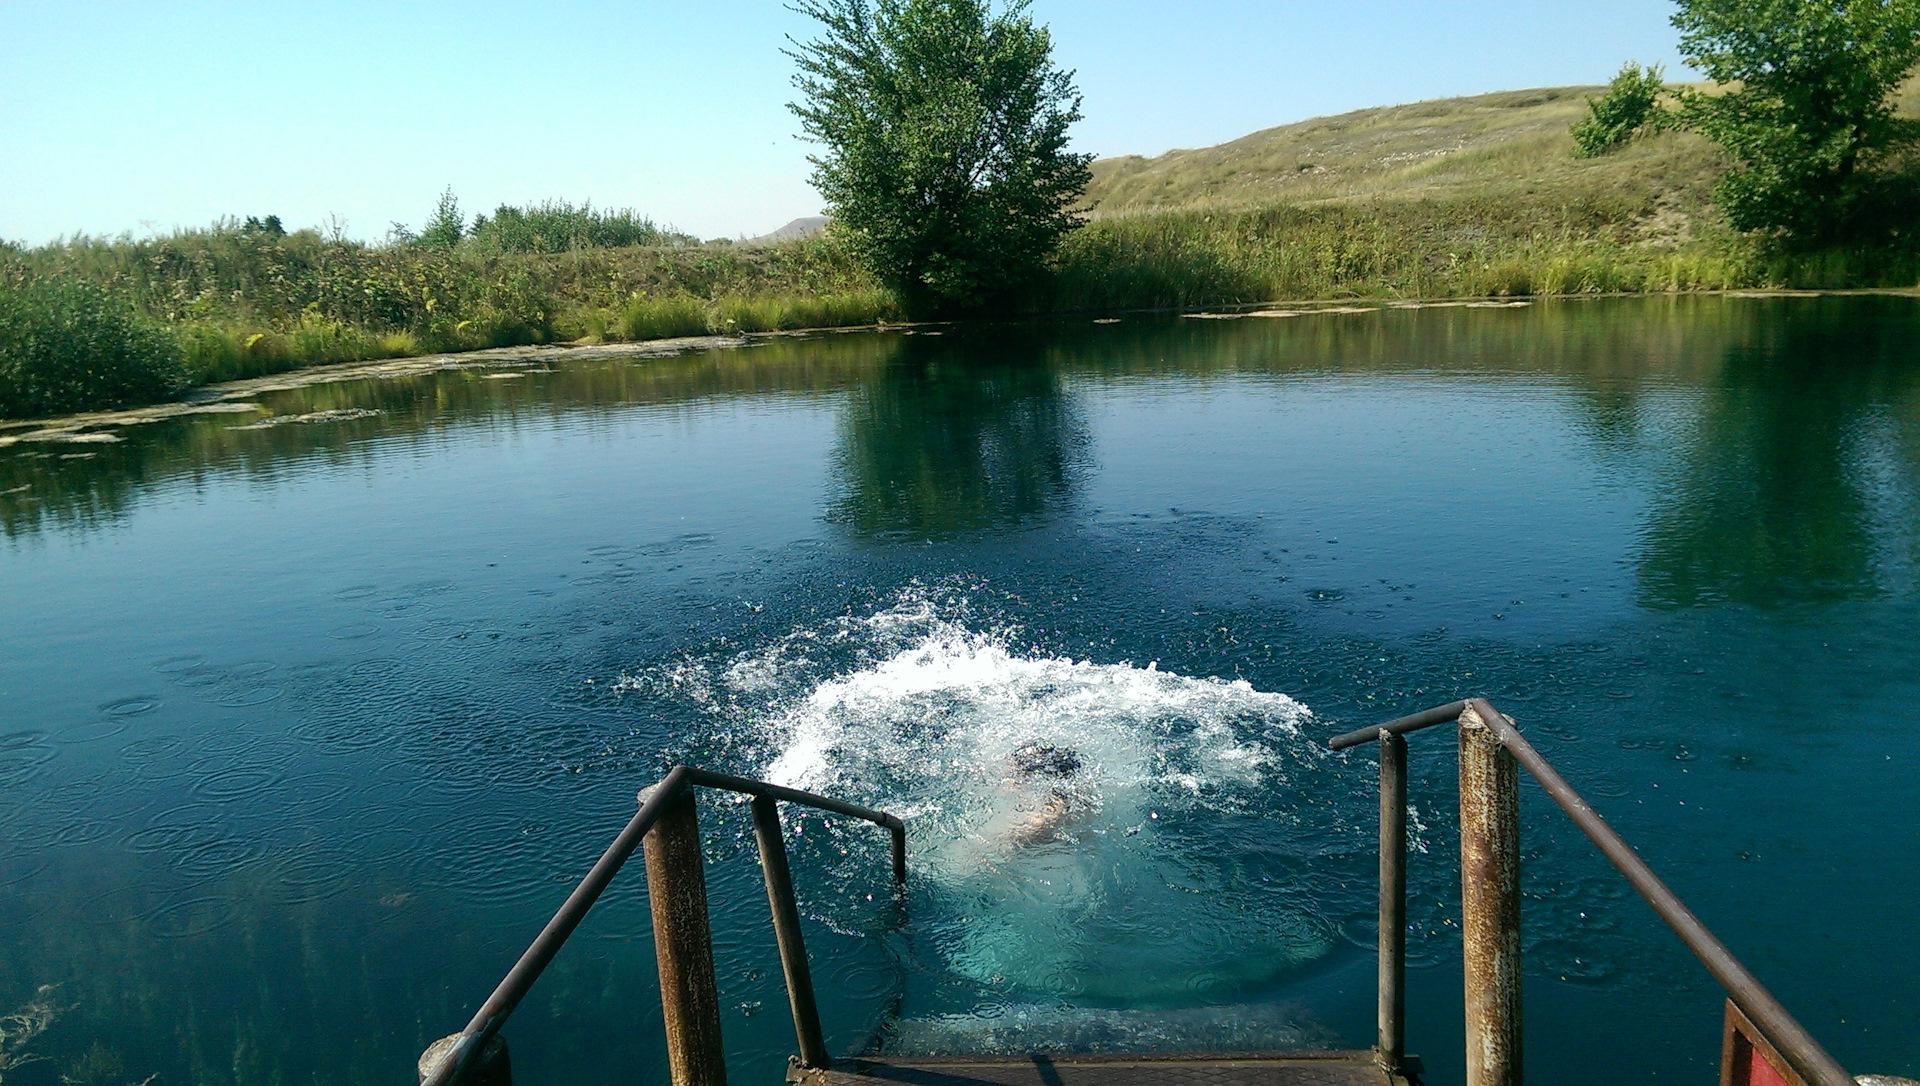 голубое озеро энгельс фото пьер